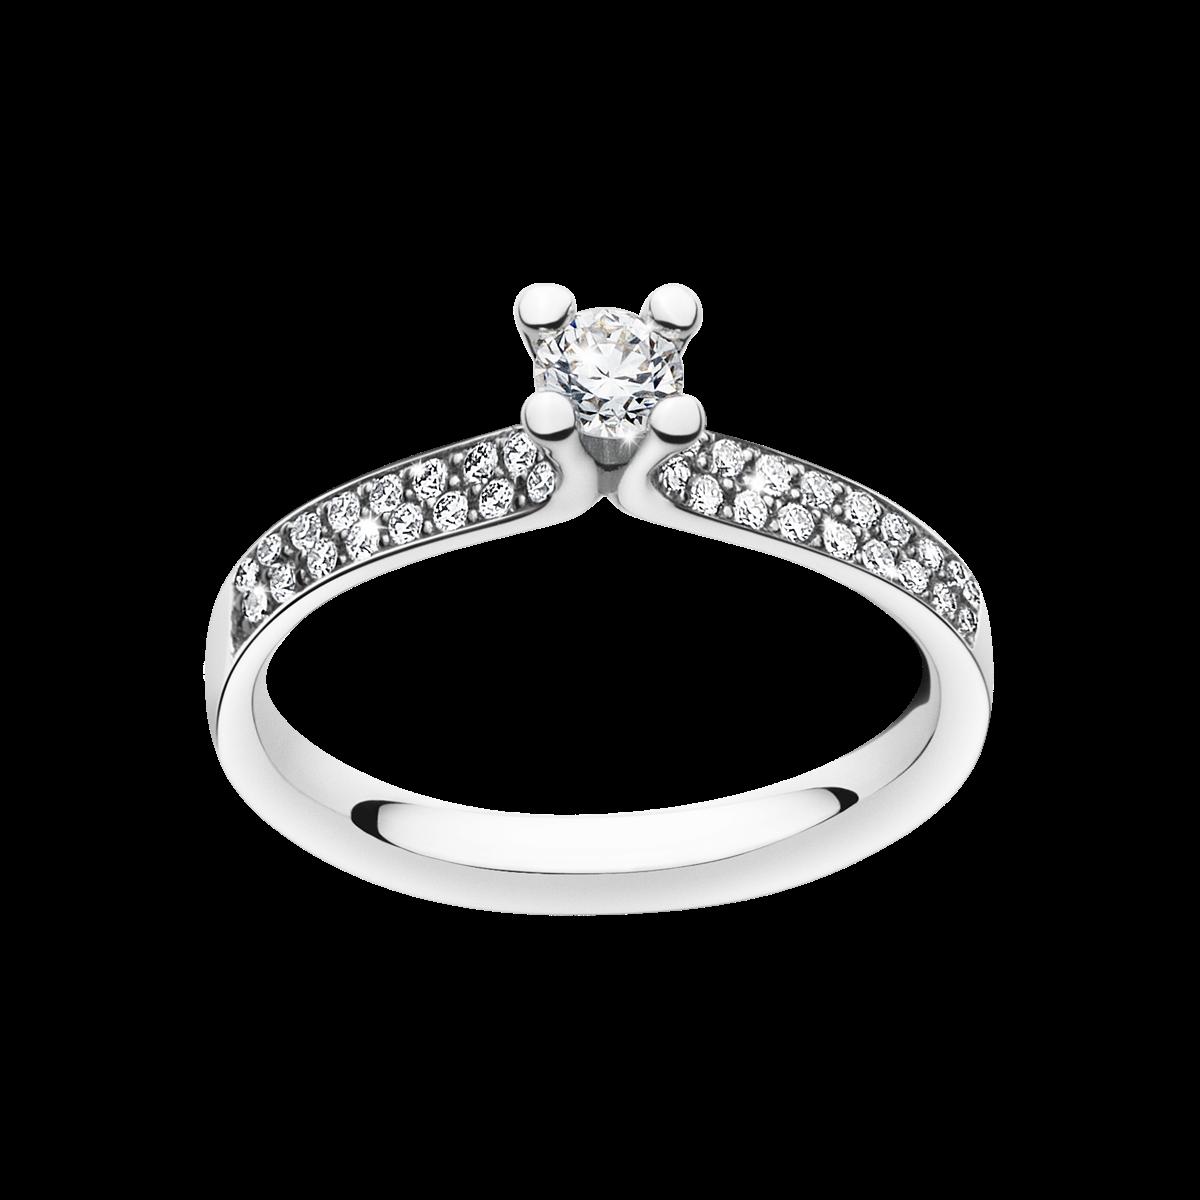 Magic Ring – Solitaire 0,40 Carat i Platina med Sidostenar